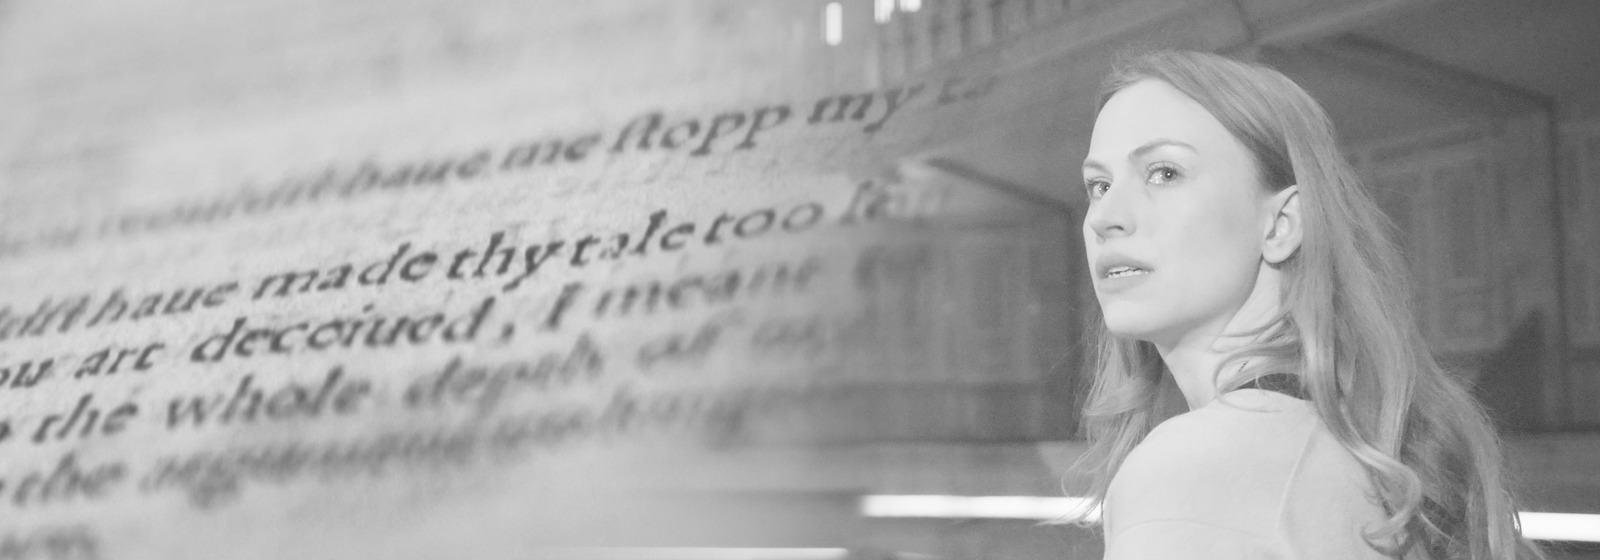 «Шекспир в изданиях и постановках»: новый шекспировский курс на образовательной платформе FutureLearn